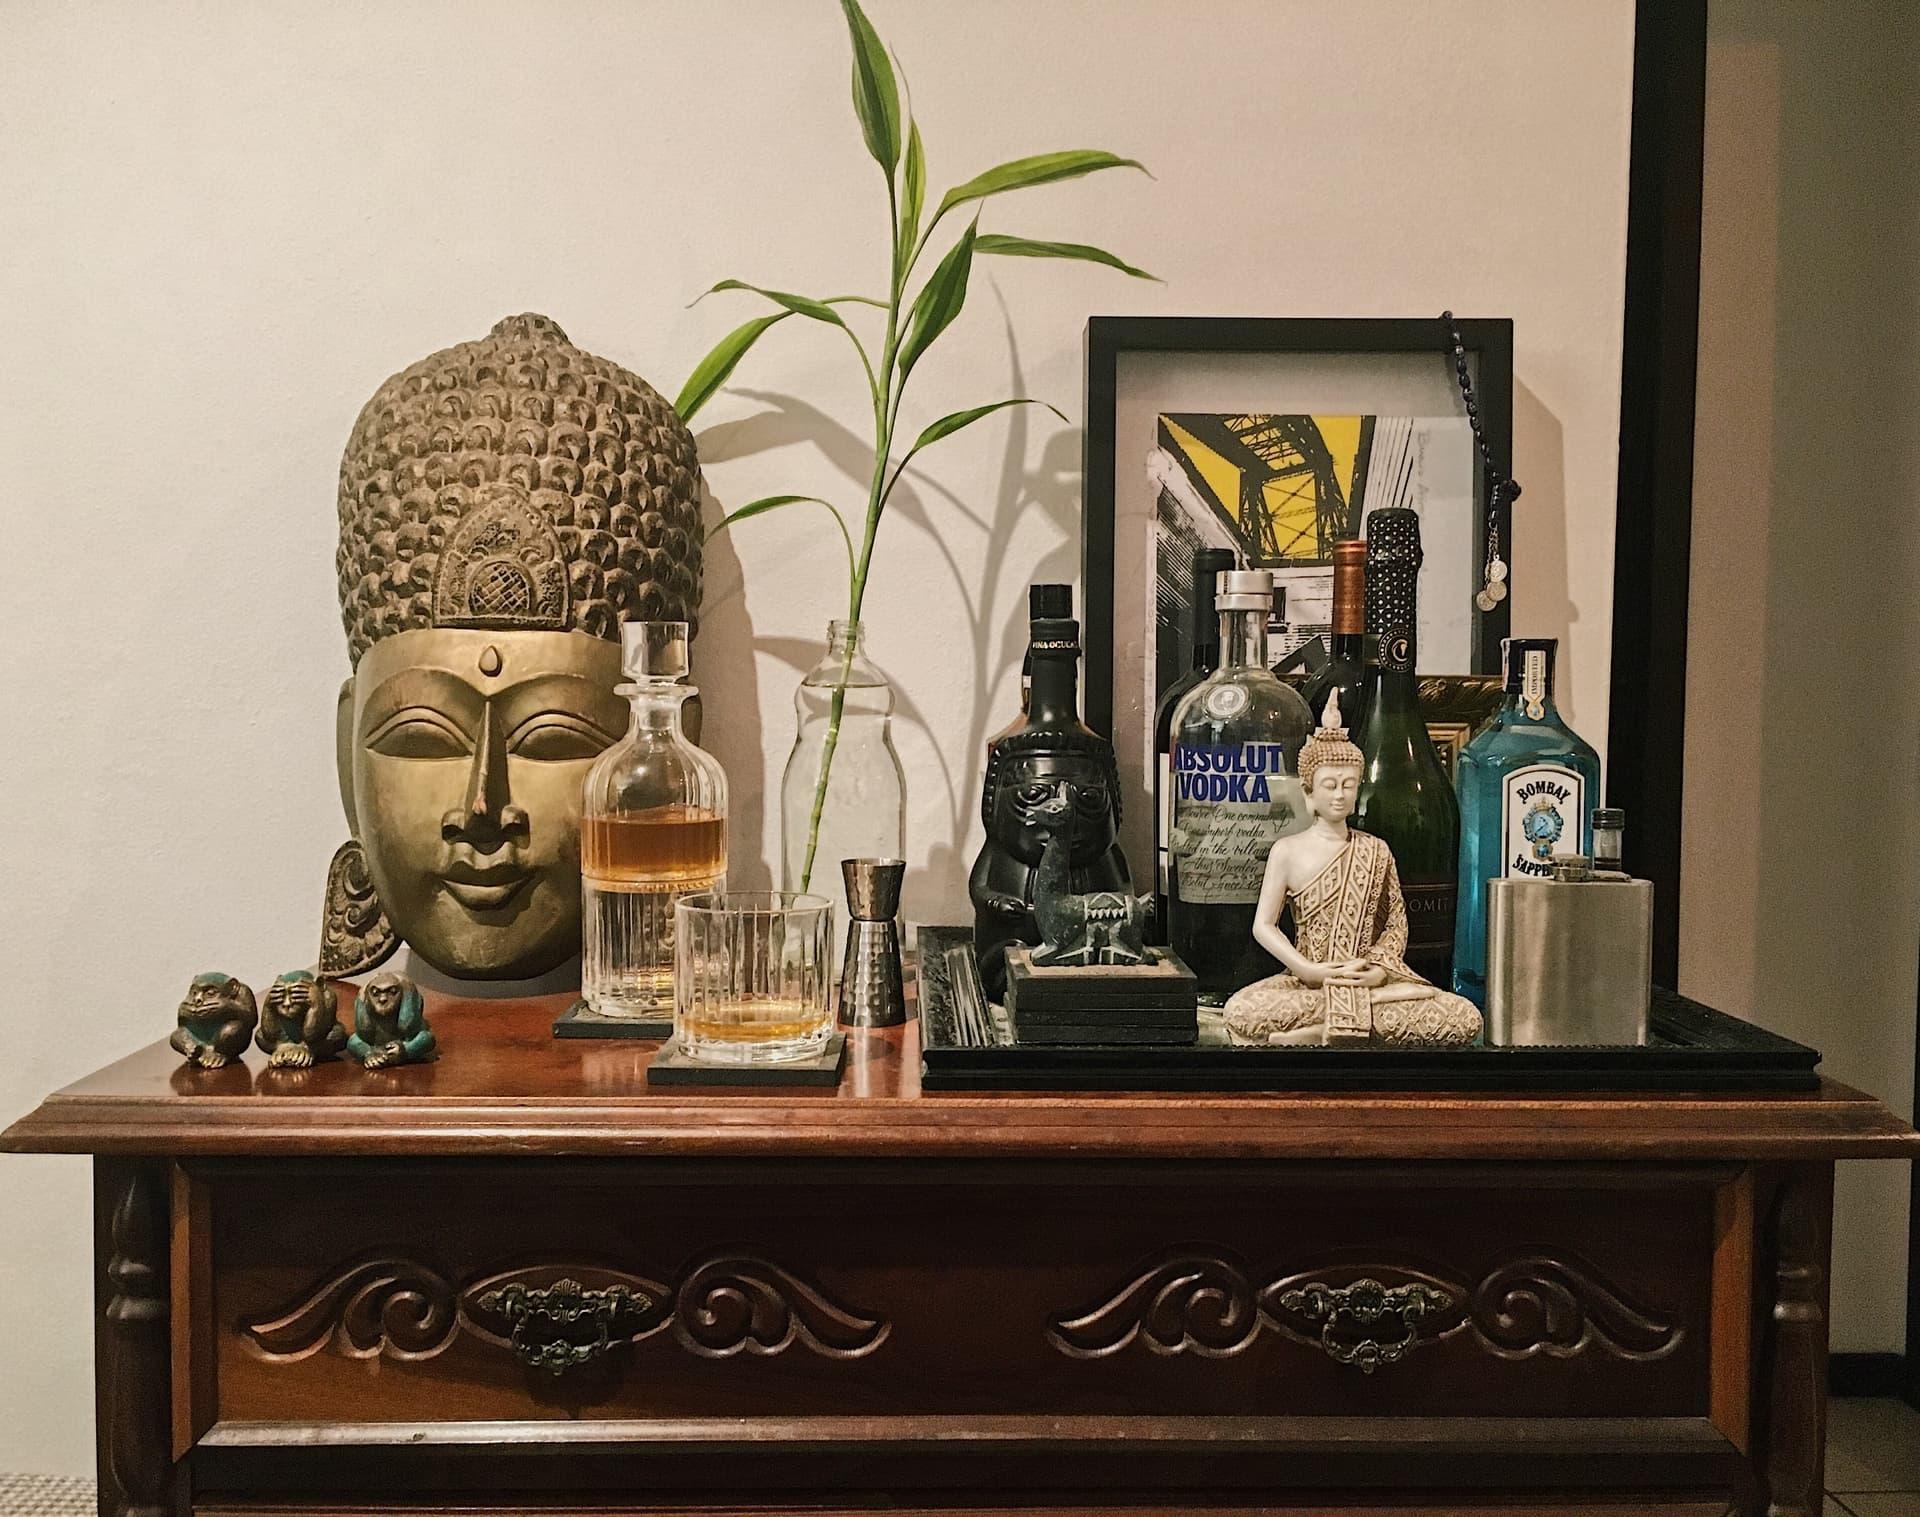 Imagem: Esse bar coleciona memórias pelo mundo. Conjunto Chicago, Biona. Foto: Arquiteca Porojetos.